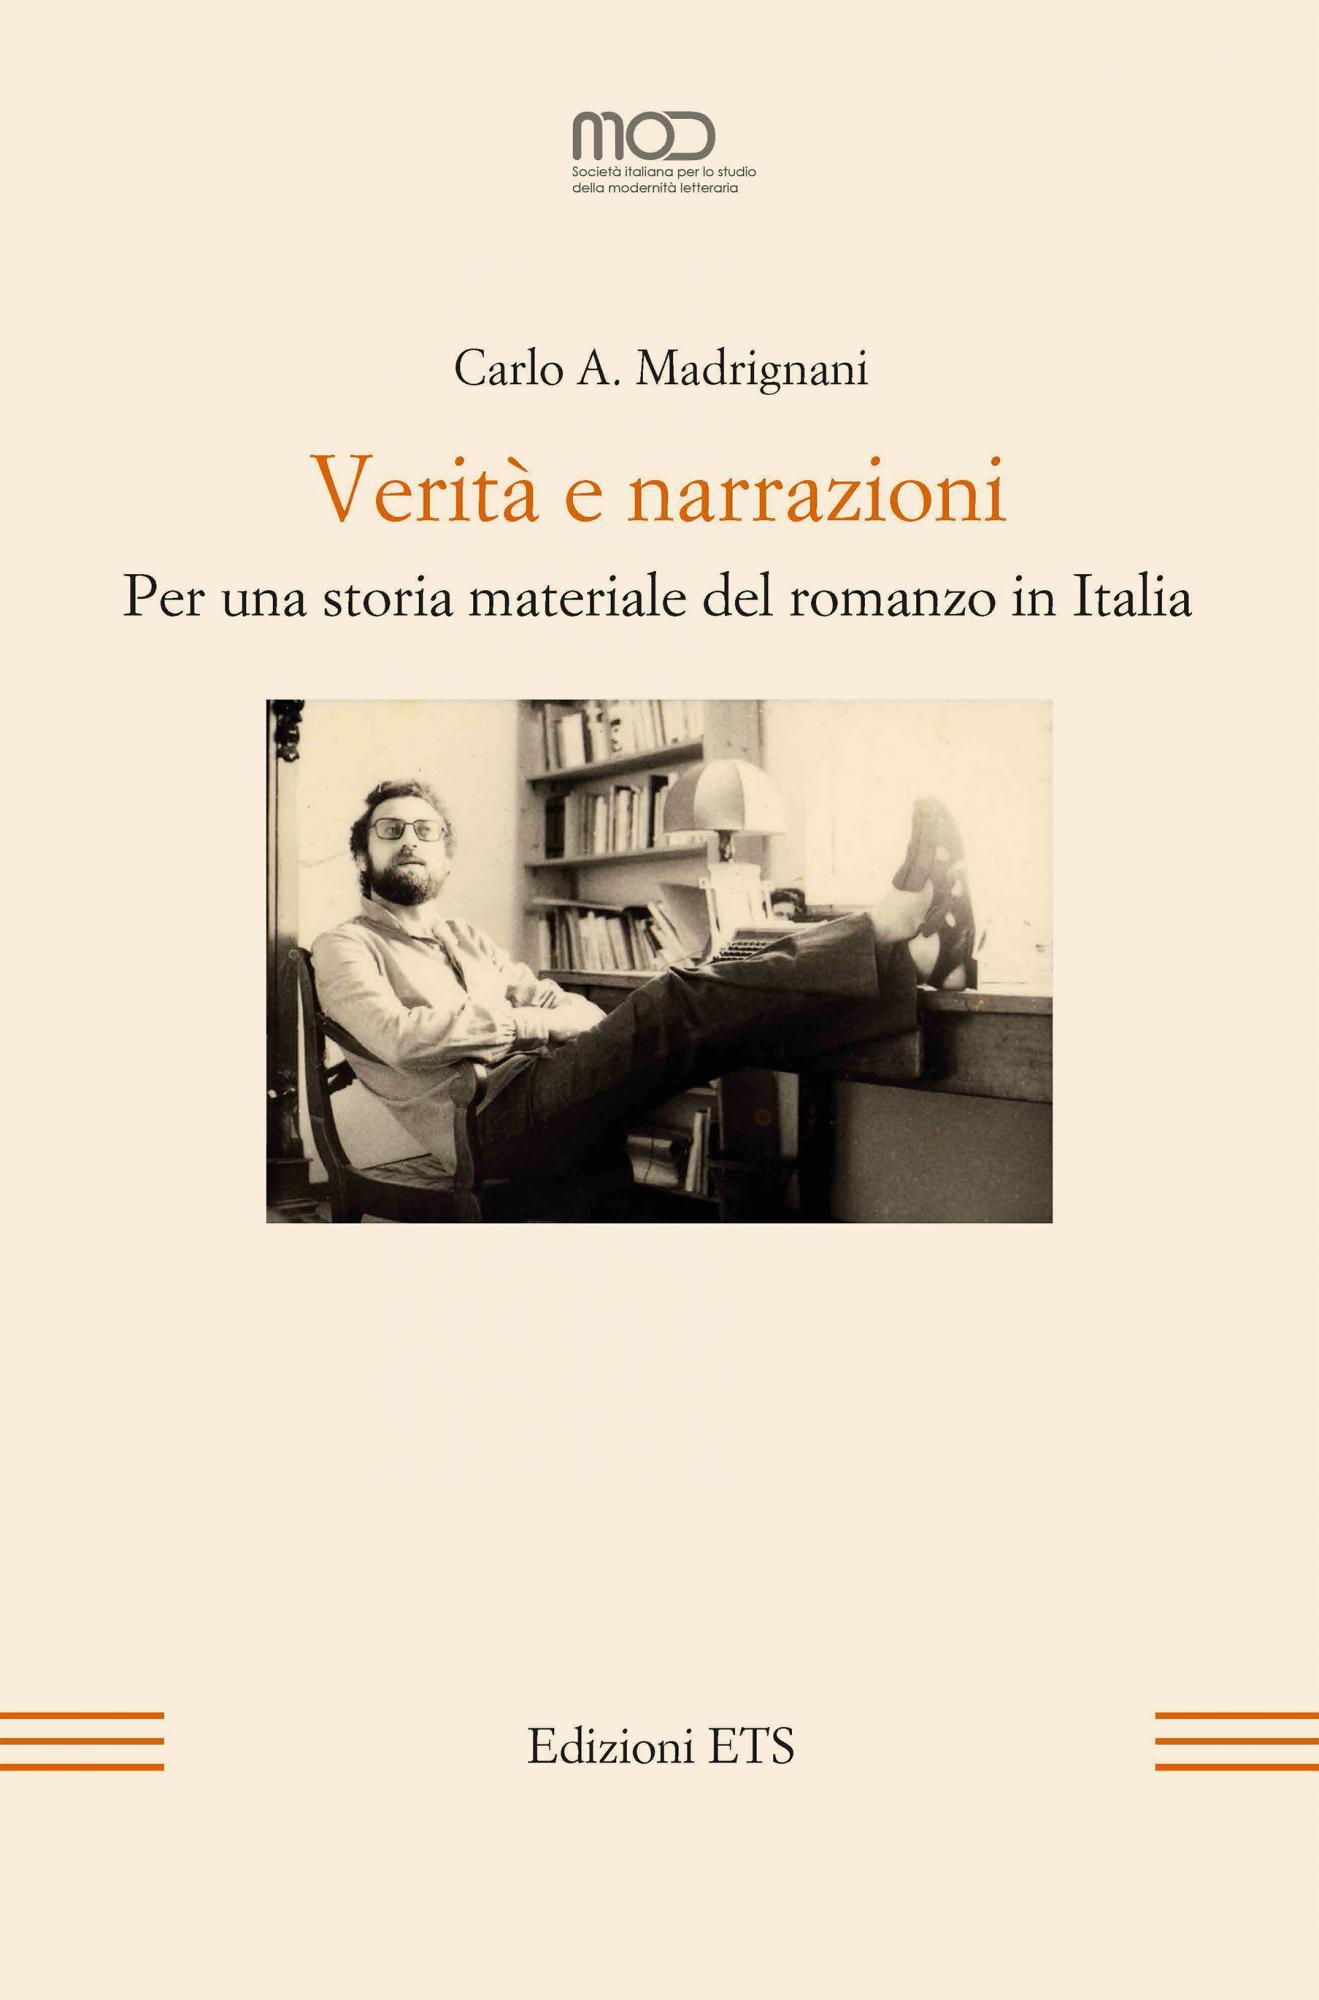 Verità e narrazioni.Per una storia materiale del romanzo in Italia